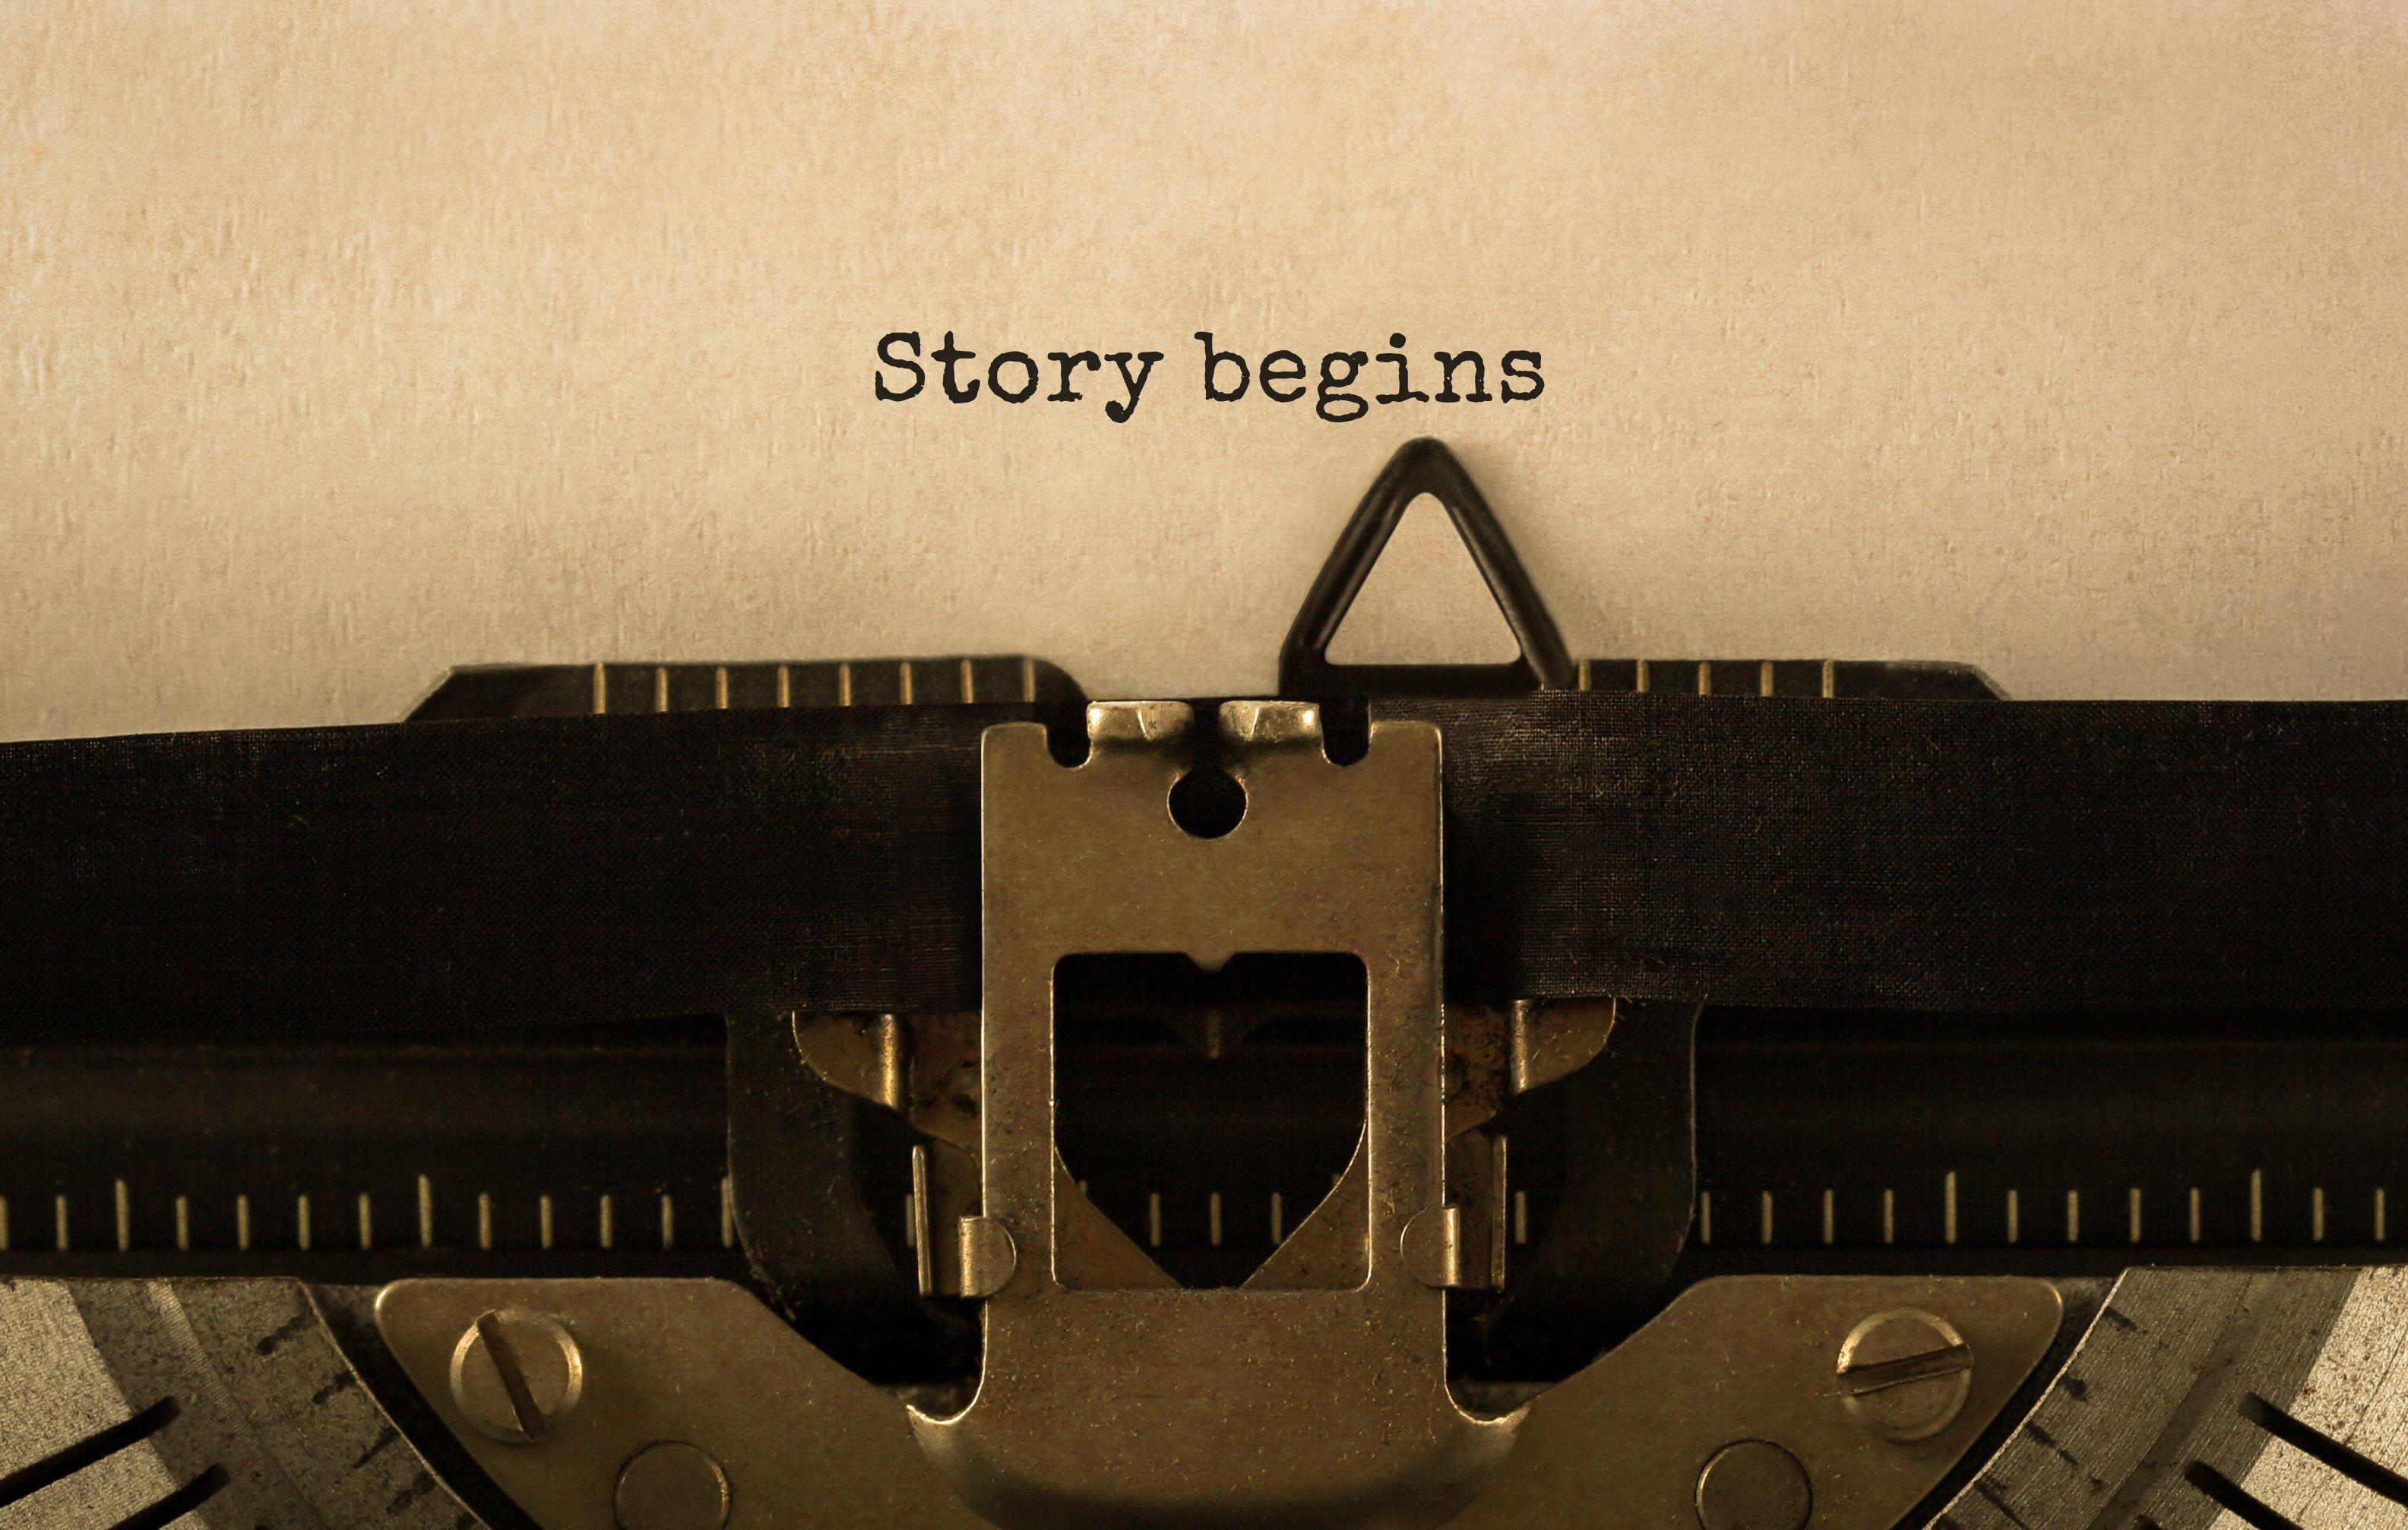 Novos Talentos FNAC: escolher e avaliar um conto